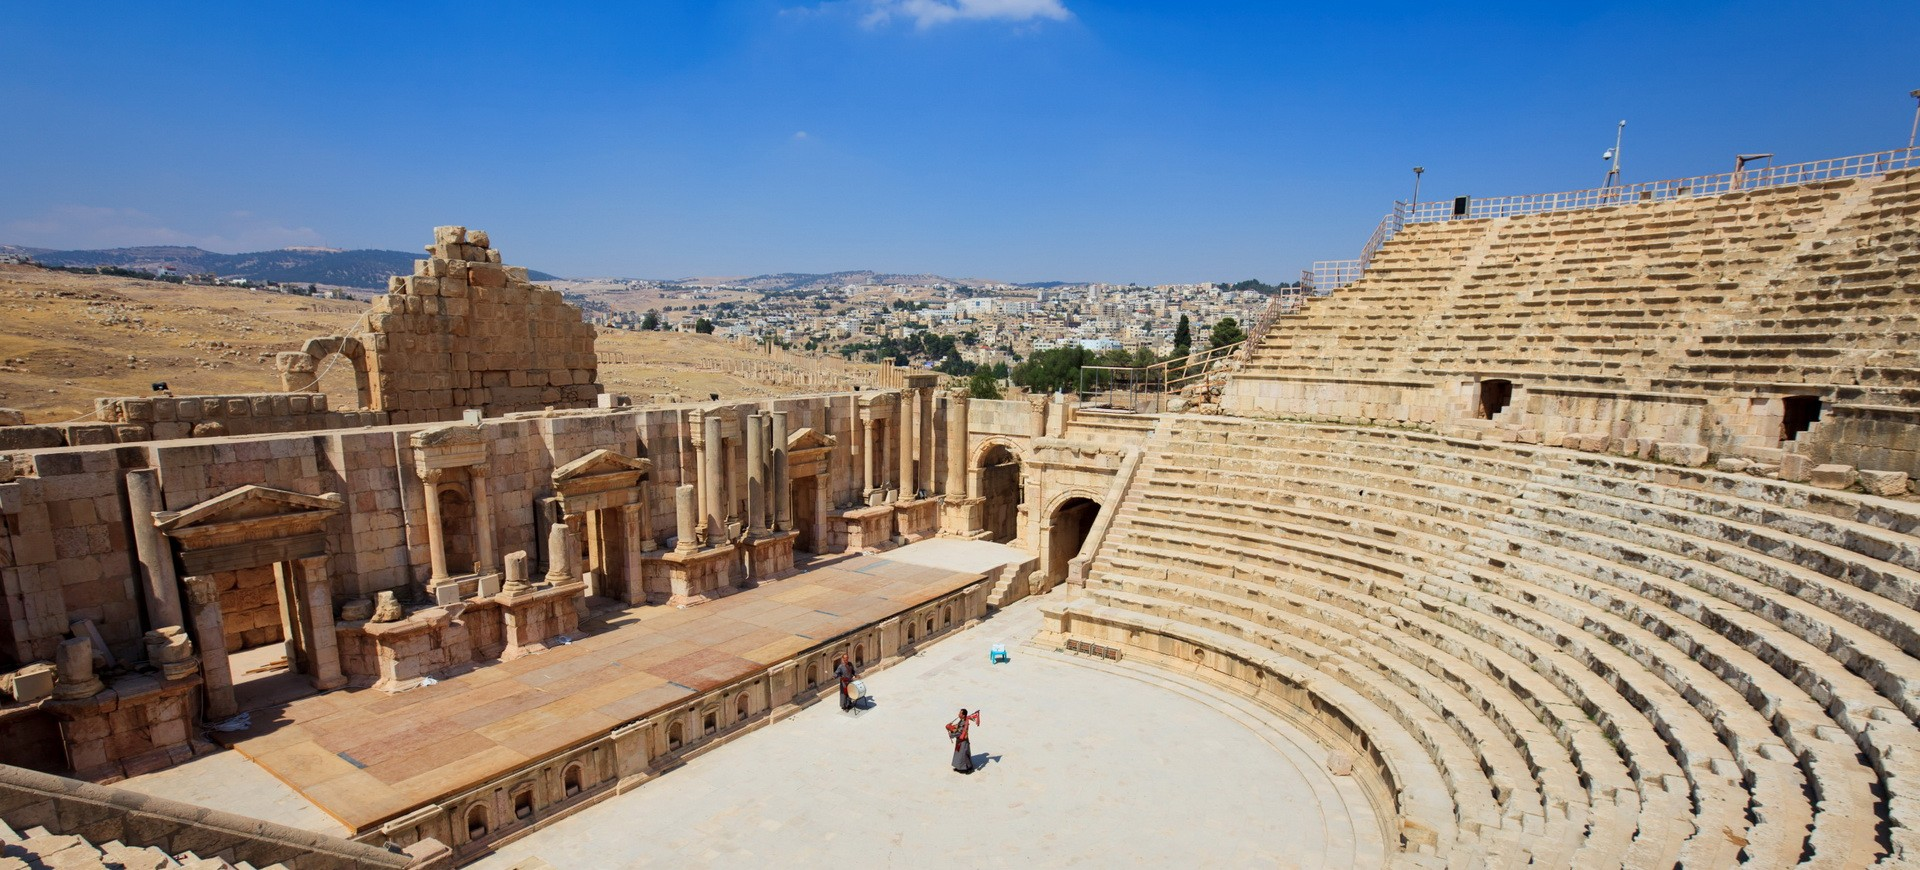 Amphithéâtre à Jerash